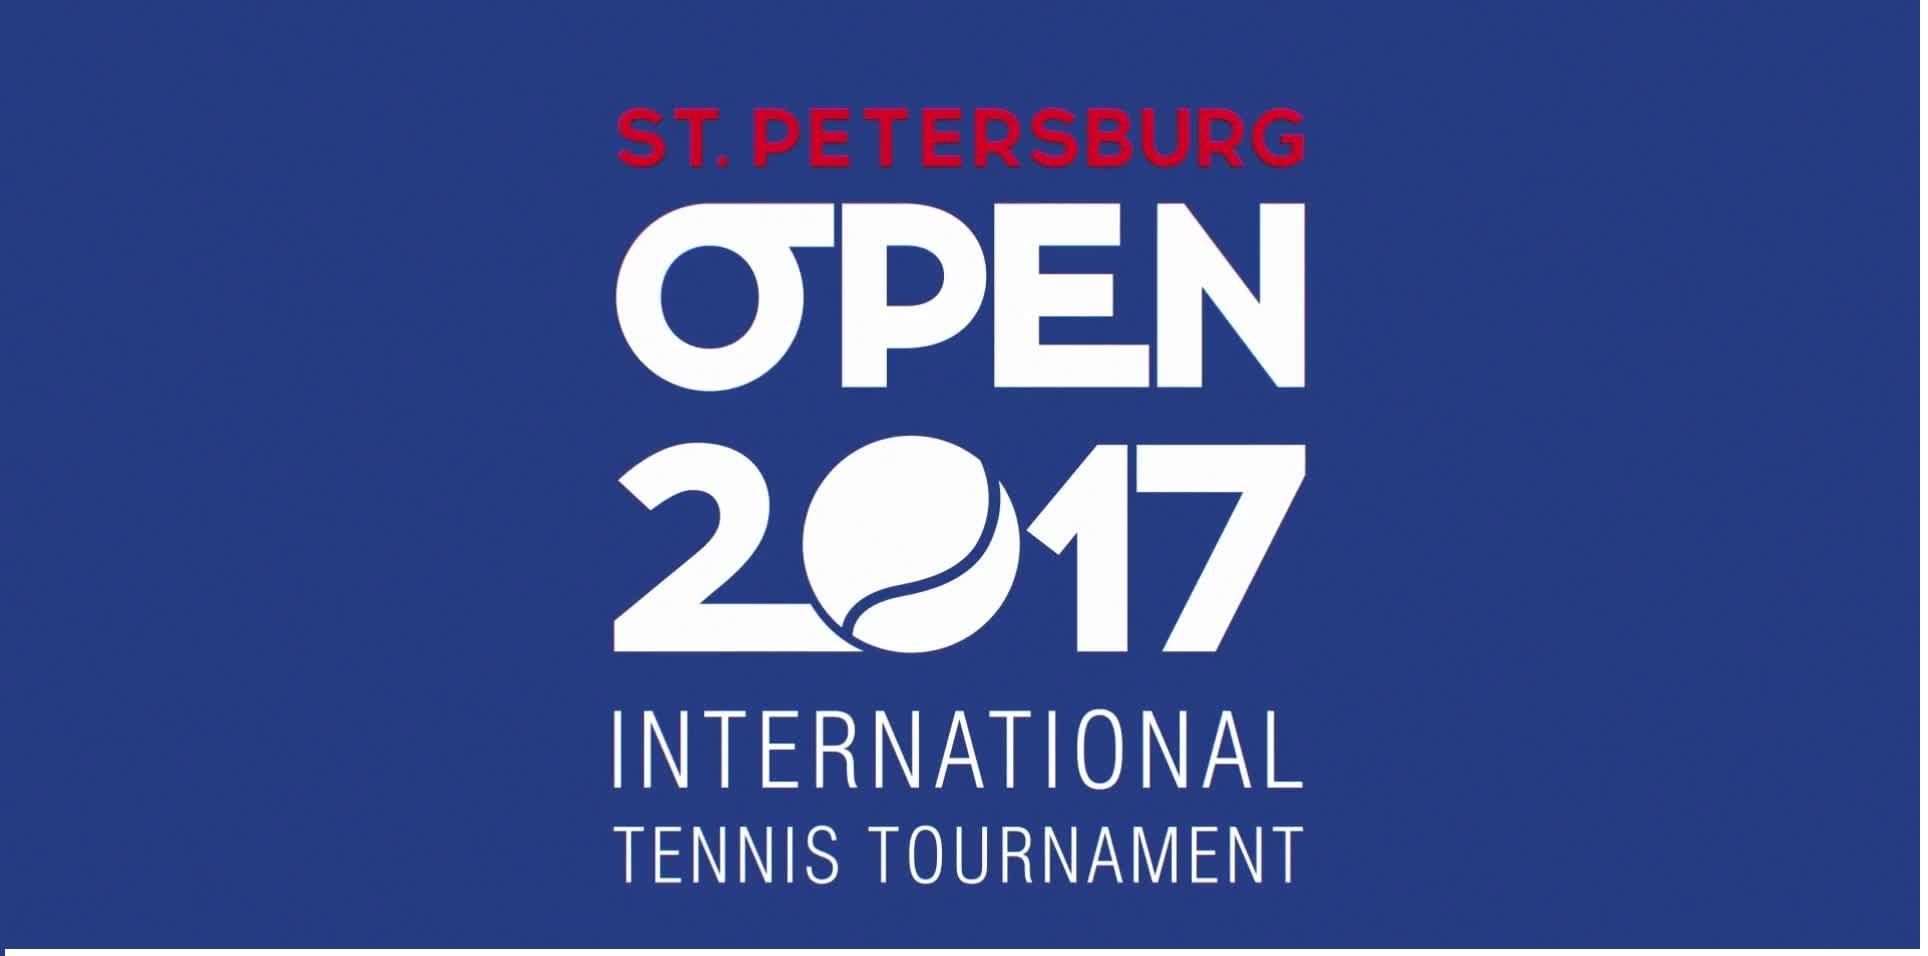 St. Petersburg - St. Petersburg Open